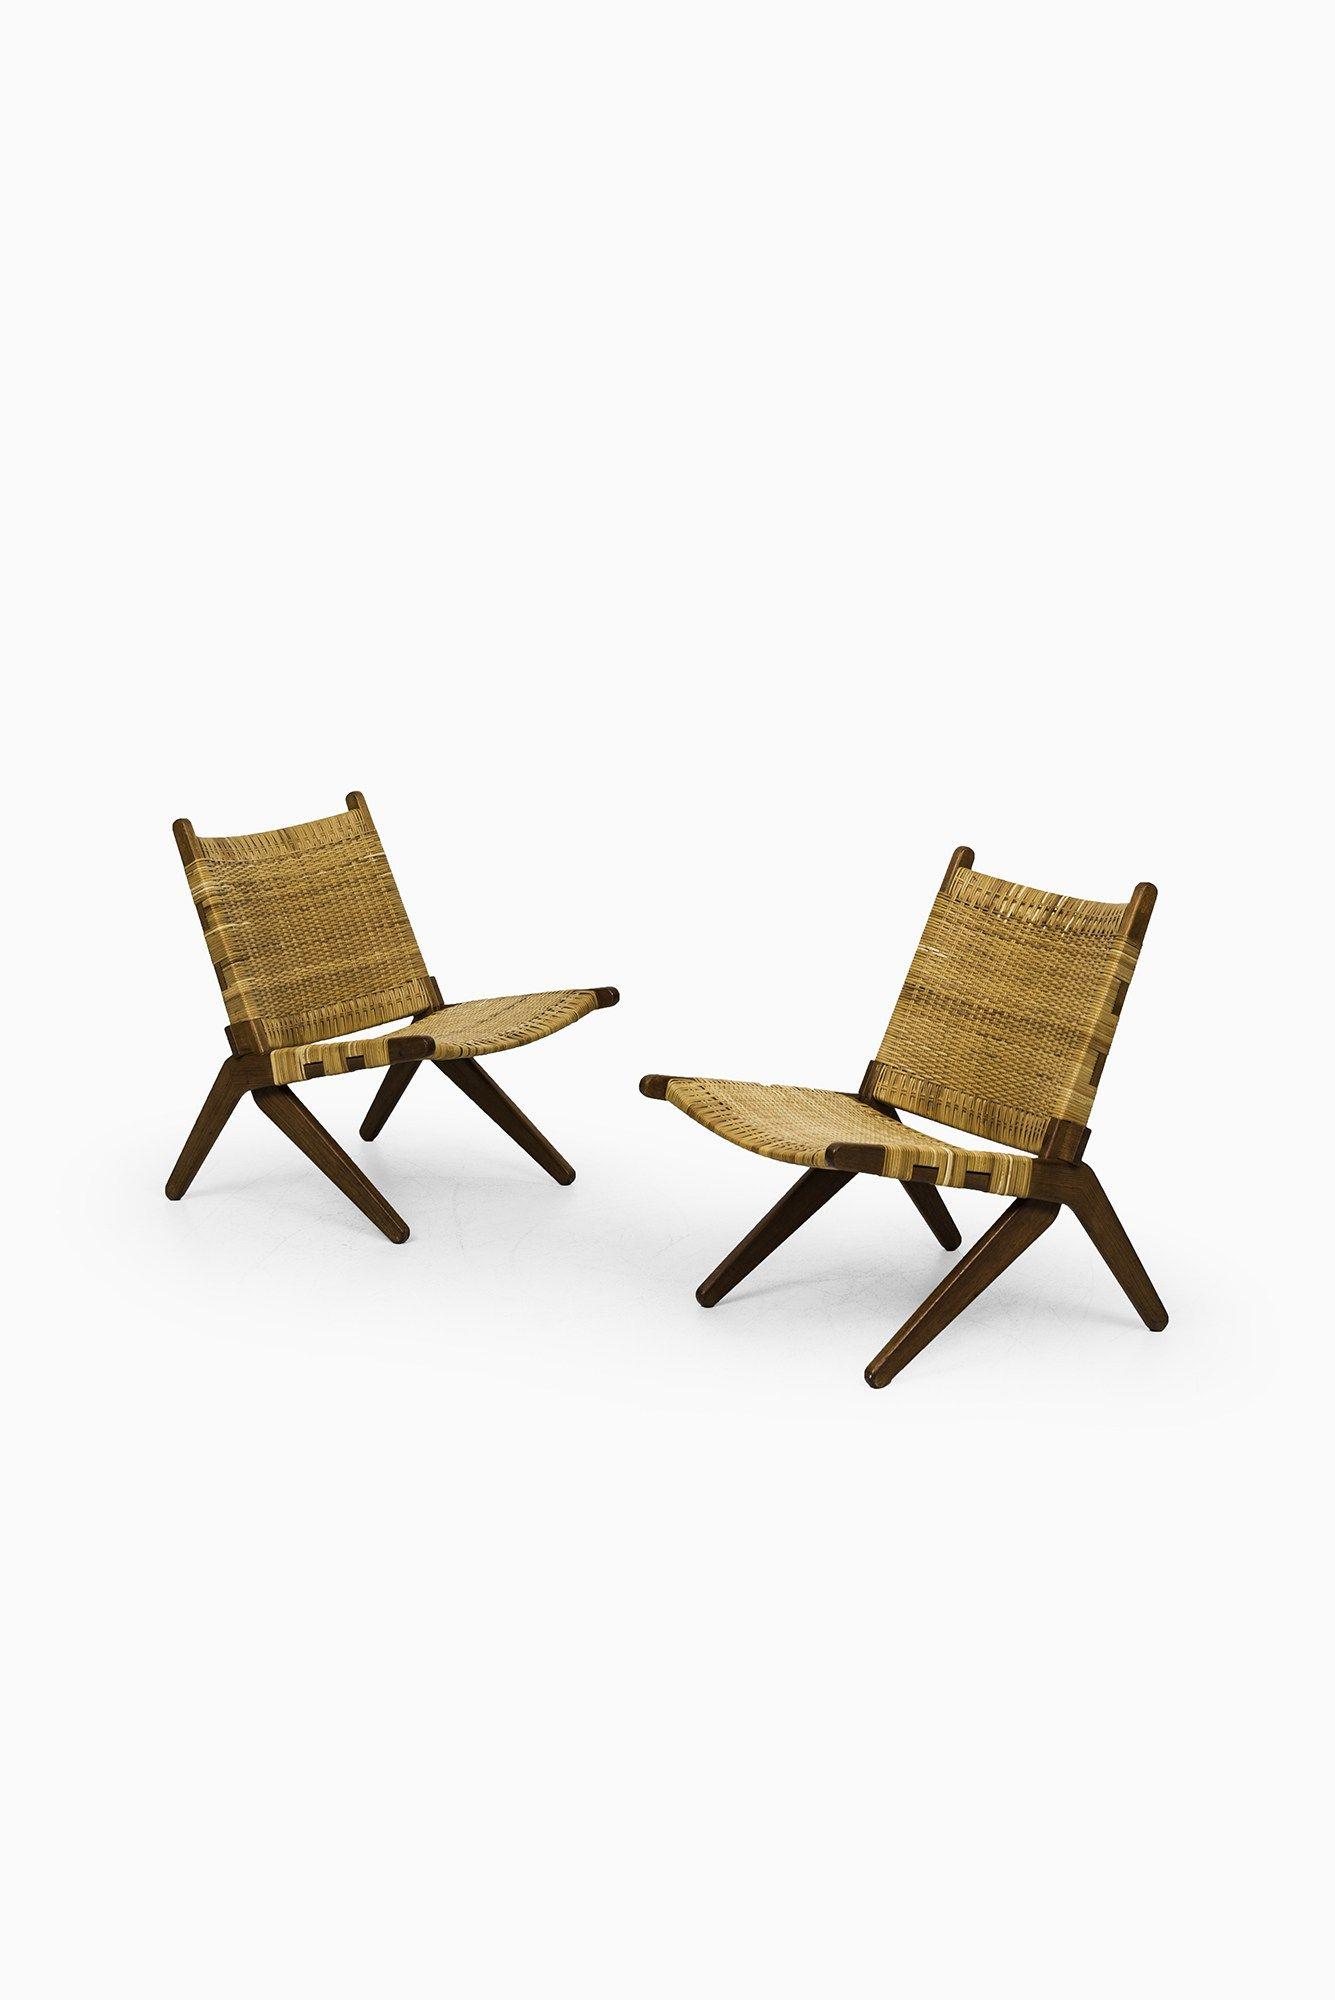 Arne Hovmand-Olsen easy chairs by Mogens Kold at Studio Schalling